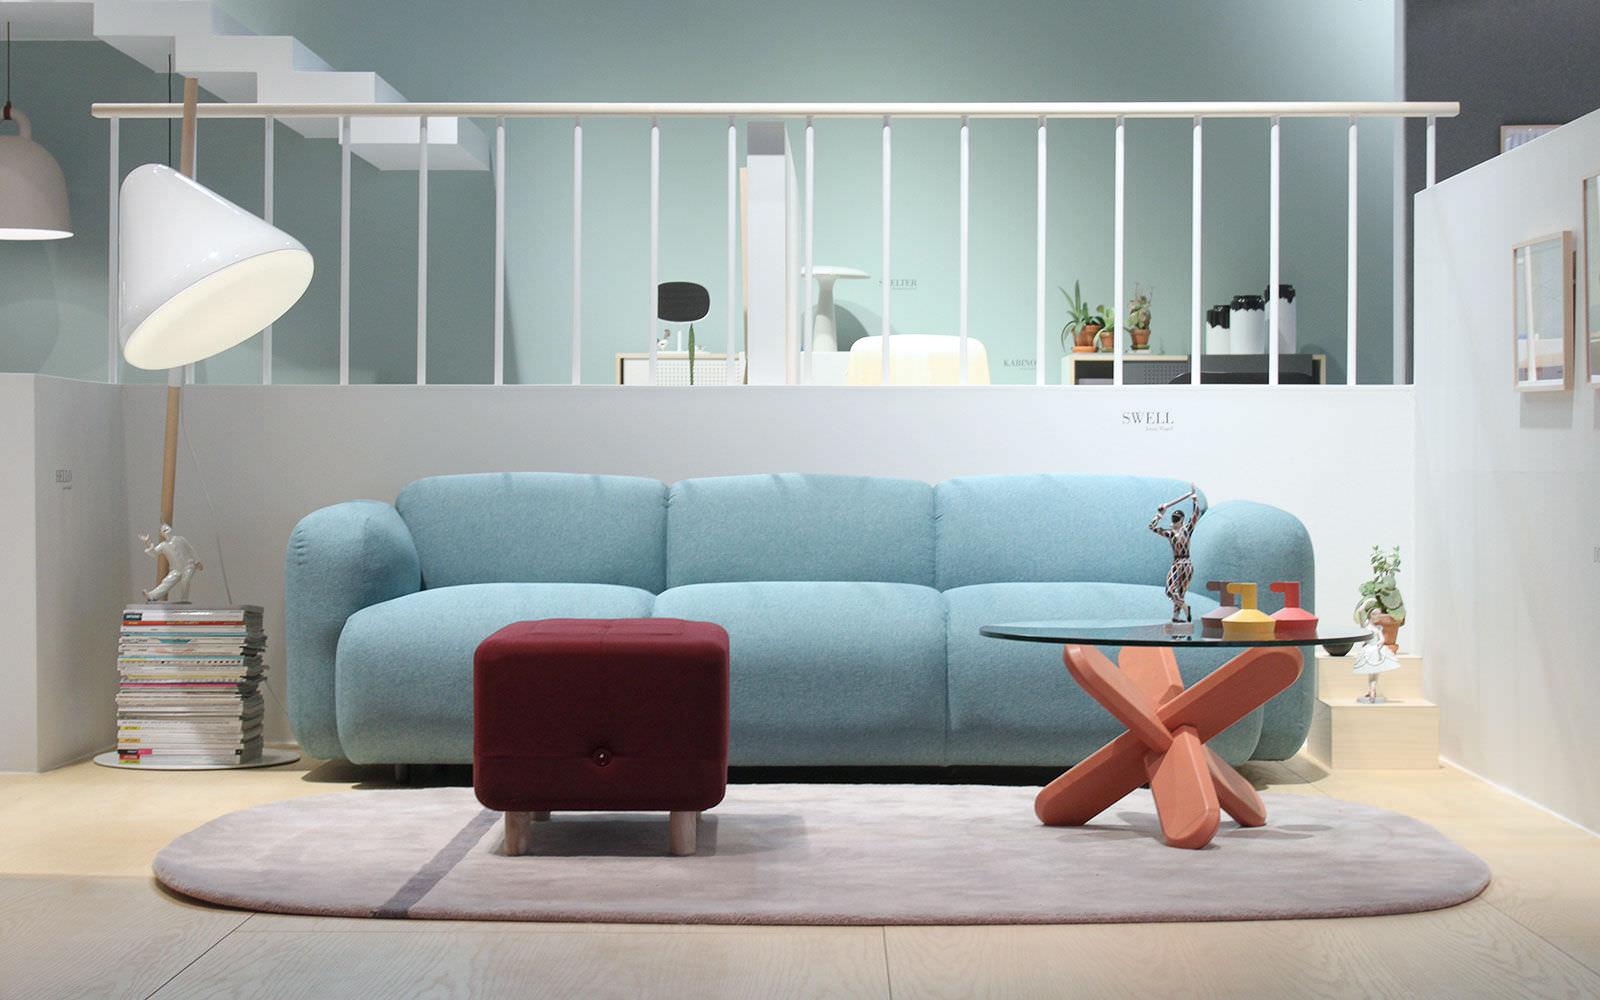 Canapé contemporain / en tissu / 2 places / 3 places - SWELL by ...